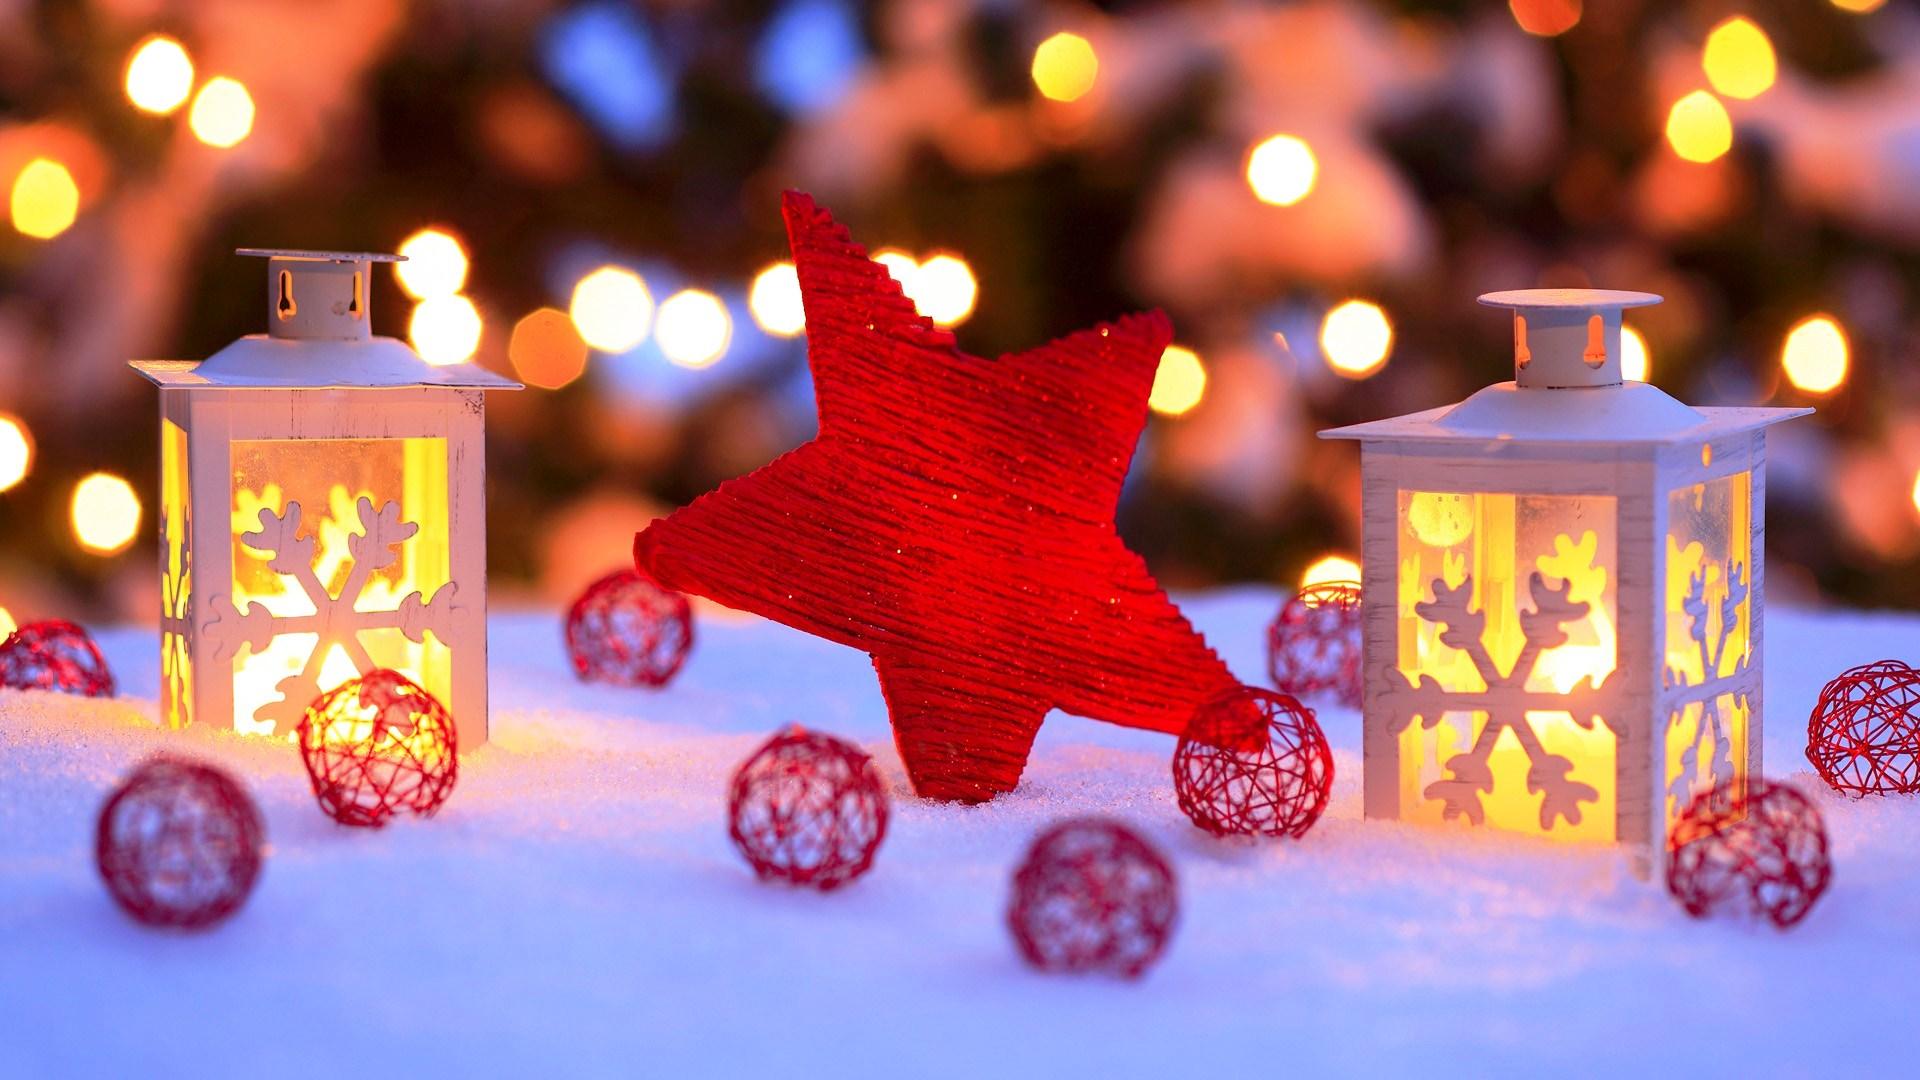 Картинки зима и новый год на рабочий стол на весь экран